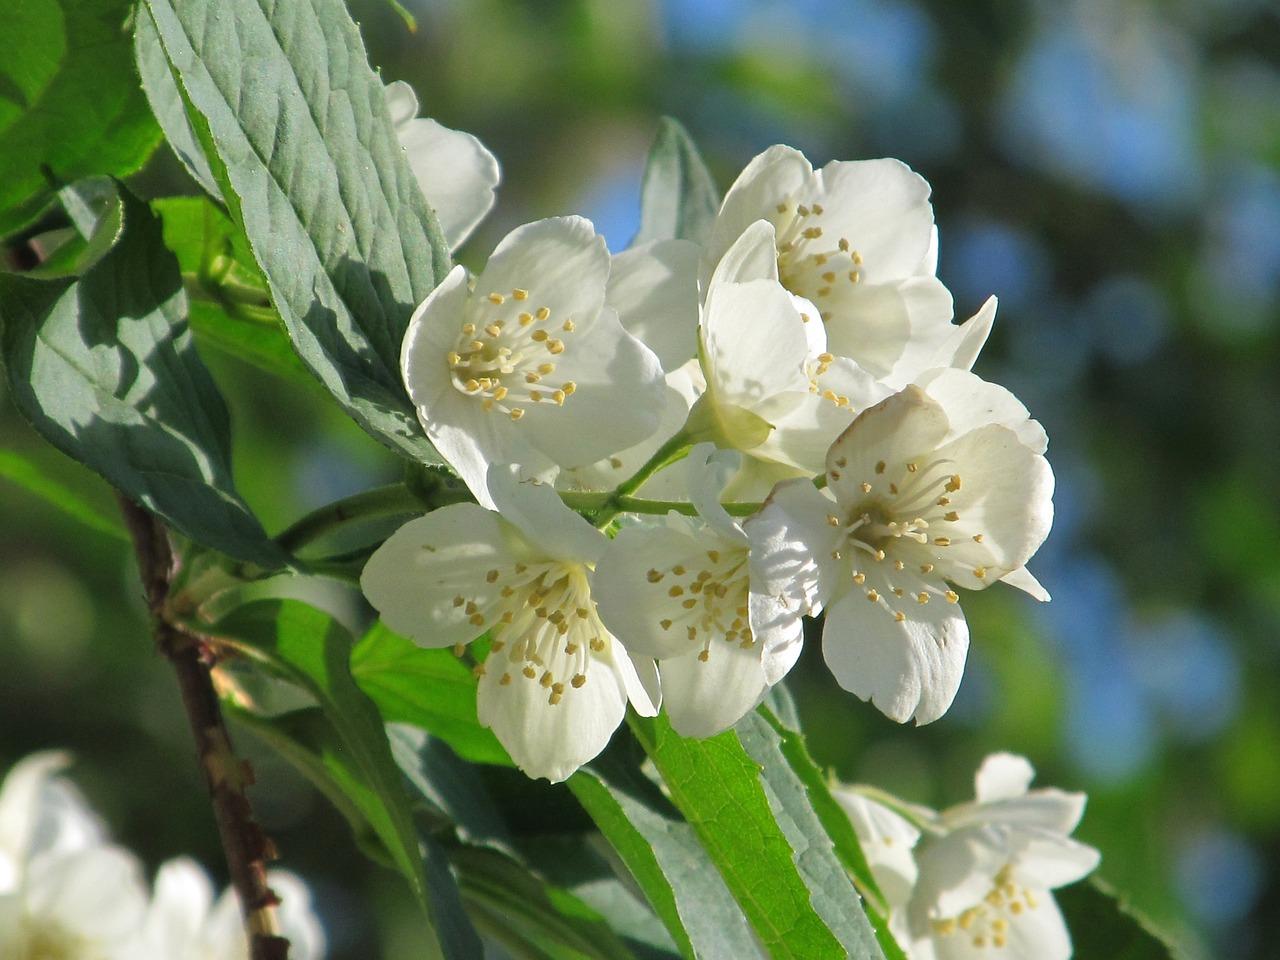 Jasmineblooming jasminewhite flowersbeautiful flowerfree photos jasmine blooming jasmine white flowers izmirmasajfo